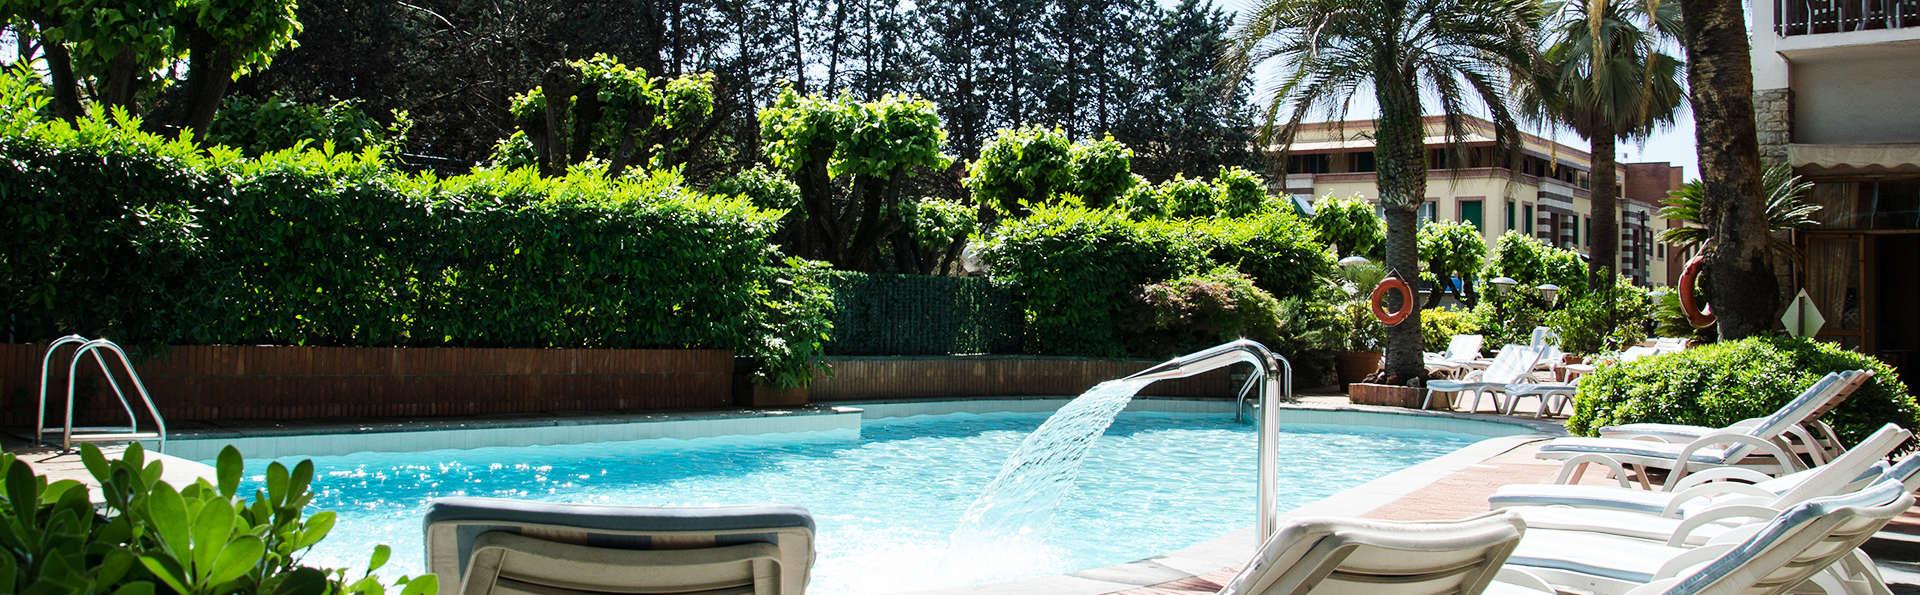 Grand Hotel Tamerici&Principe - edit_pool1.jpg